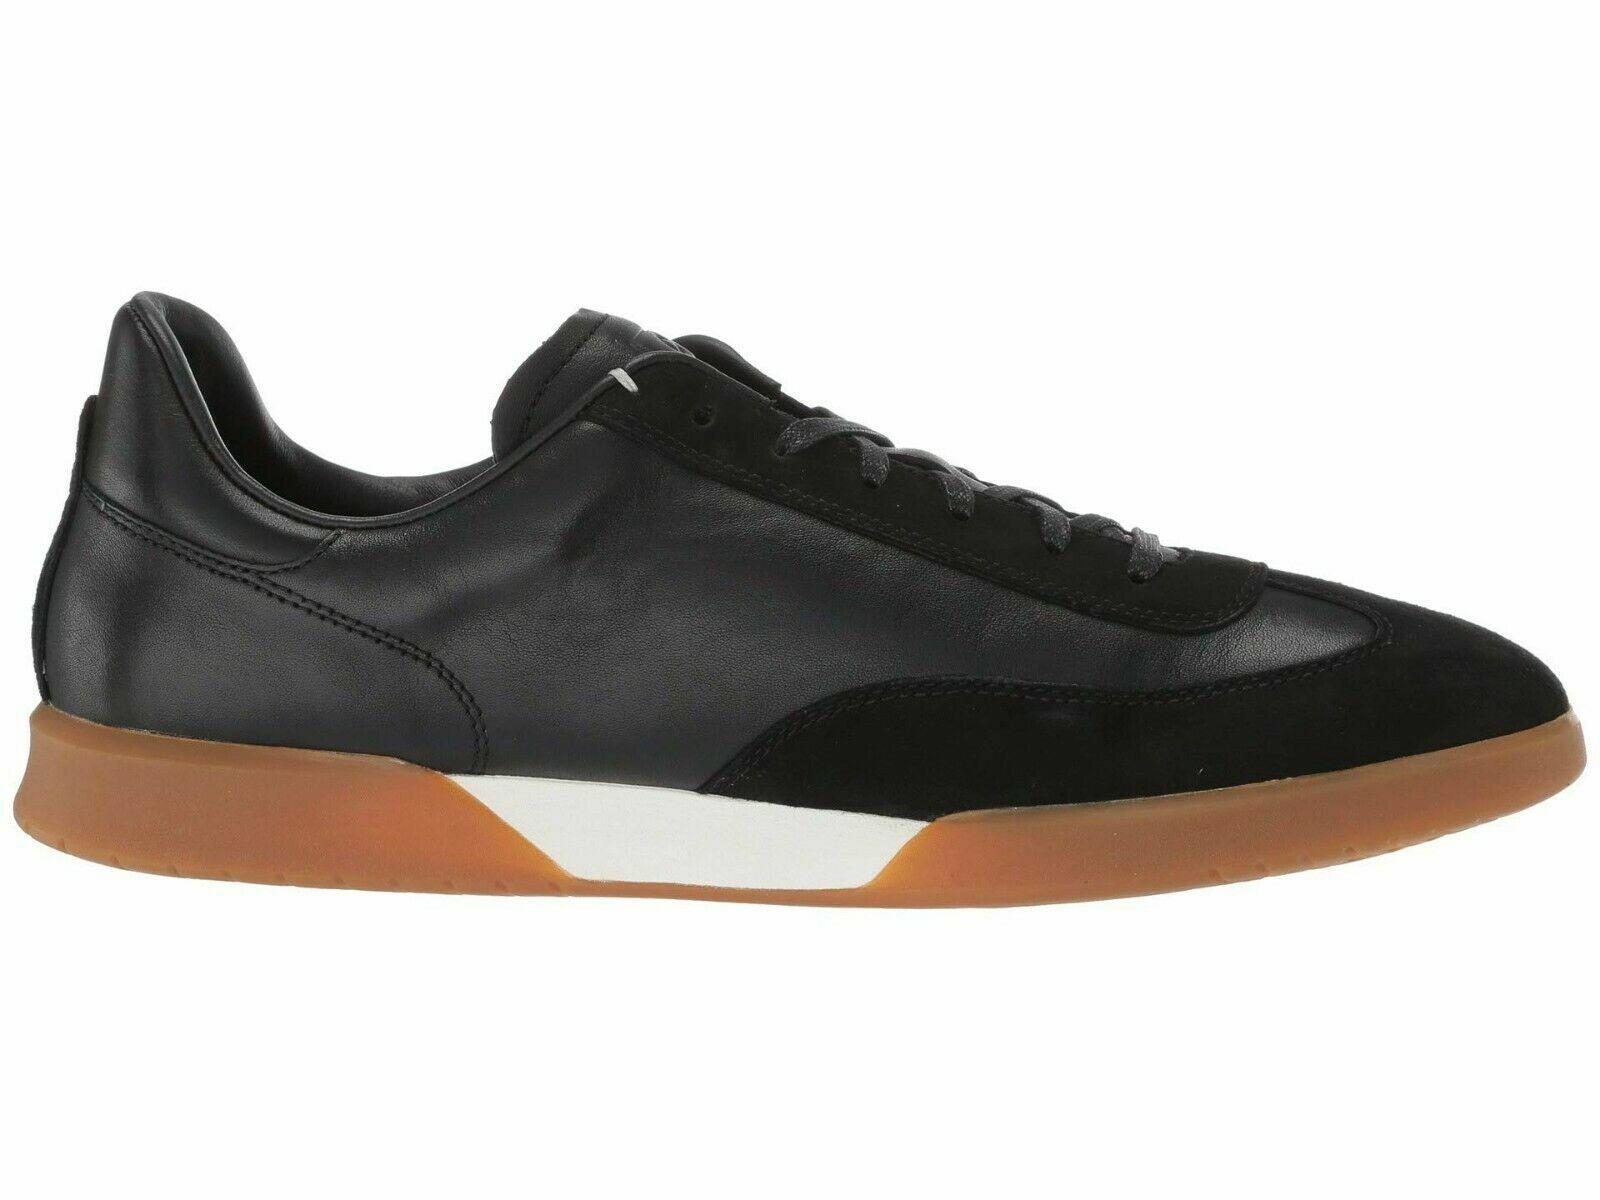 Cole Haan GRANDPRO TURF scarpe da ginnastica nero Men's Men's Men's Leather & Suede 29161 61e59f